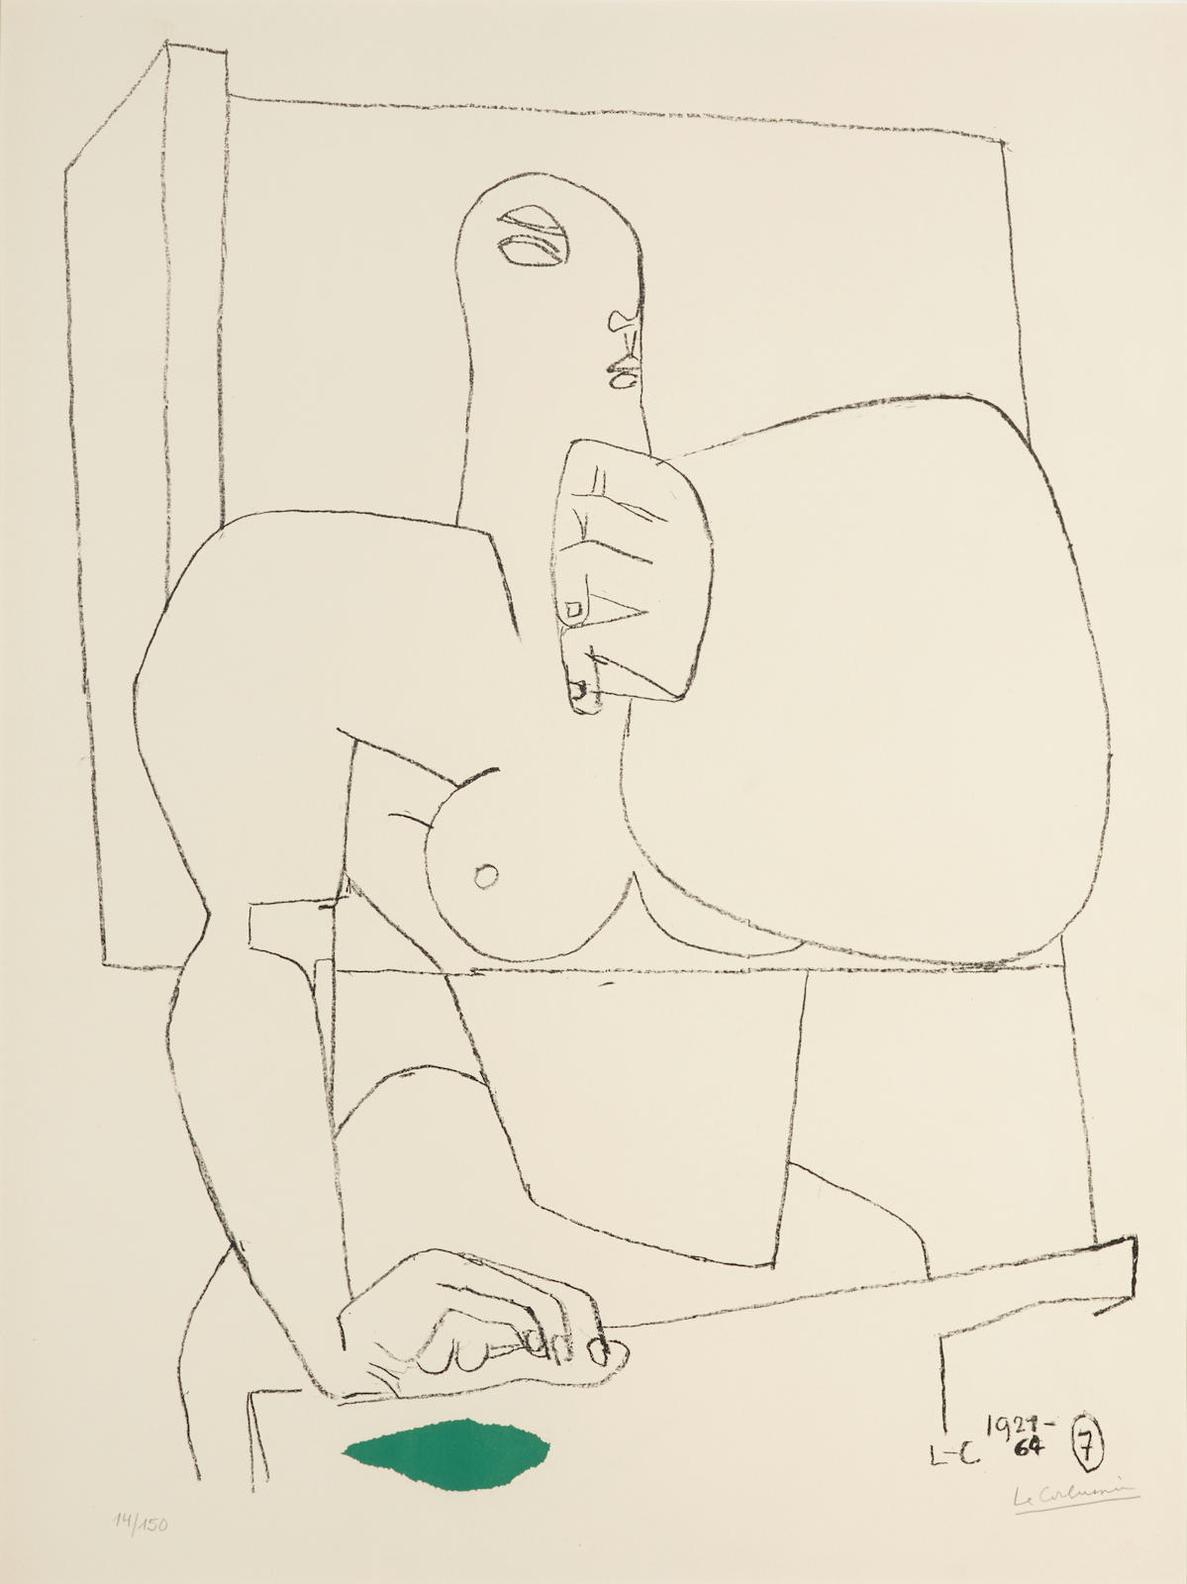 Le Corbusier-Athlete 7 (W. 58)-1964